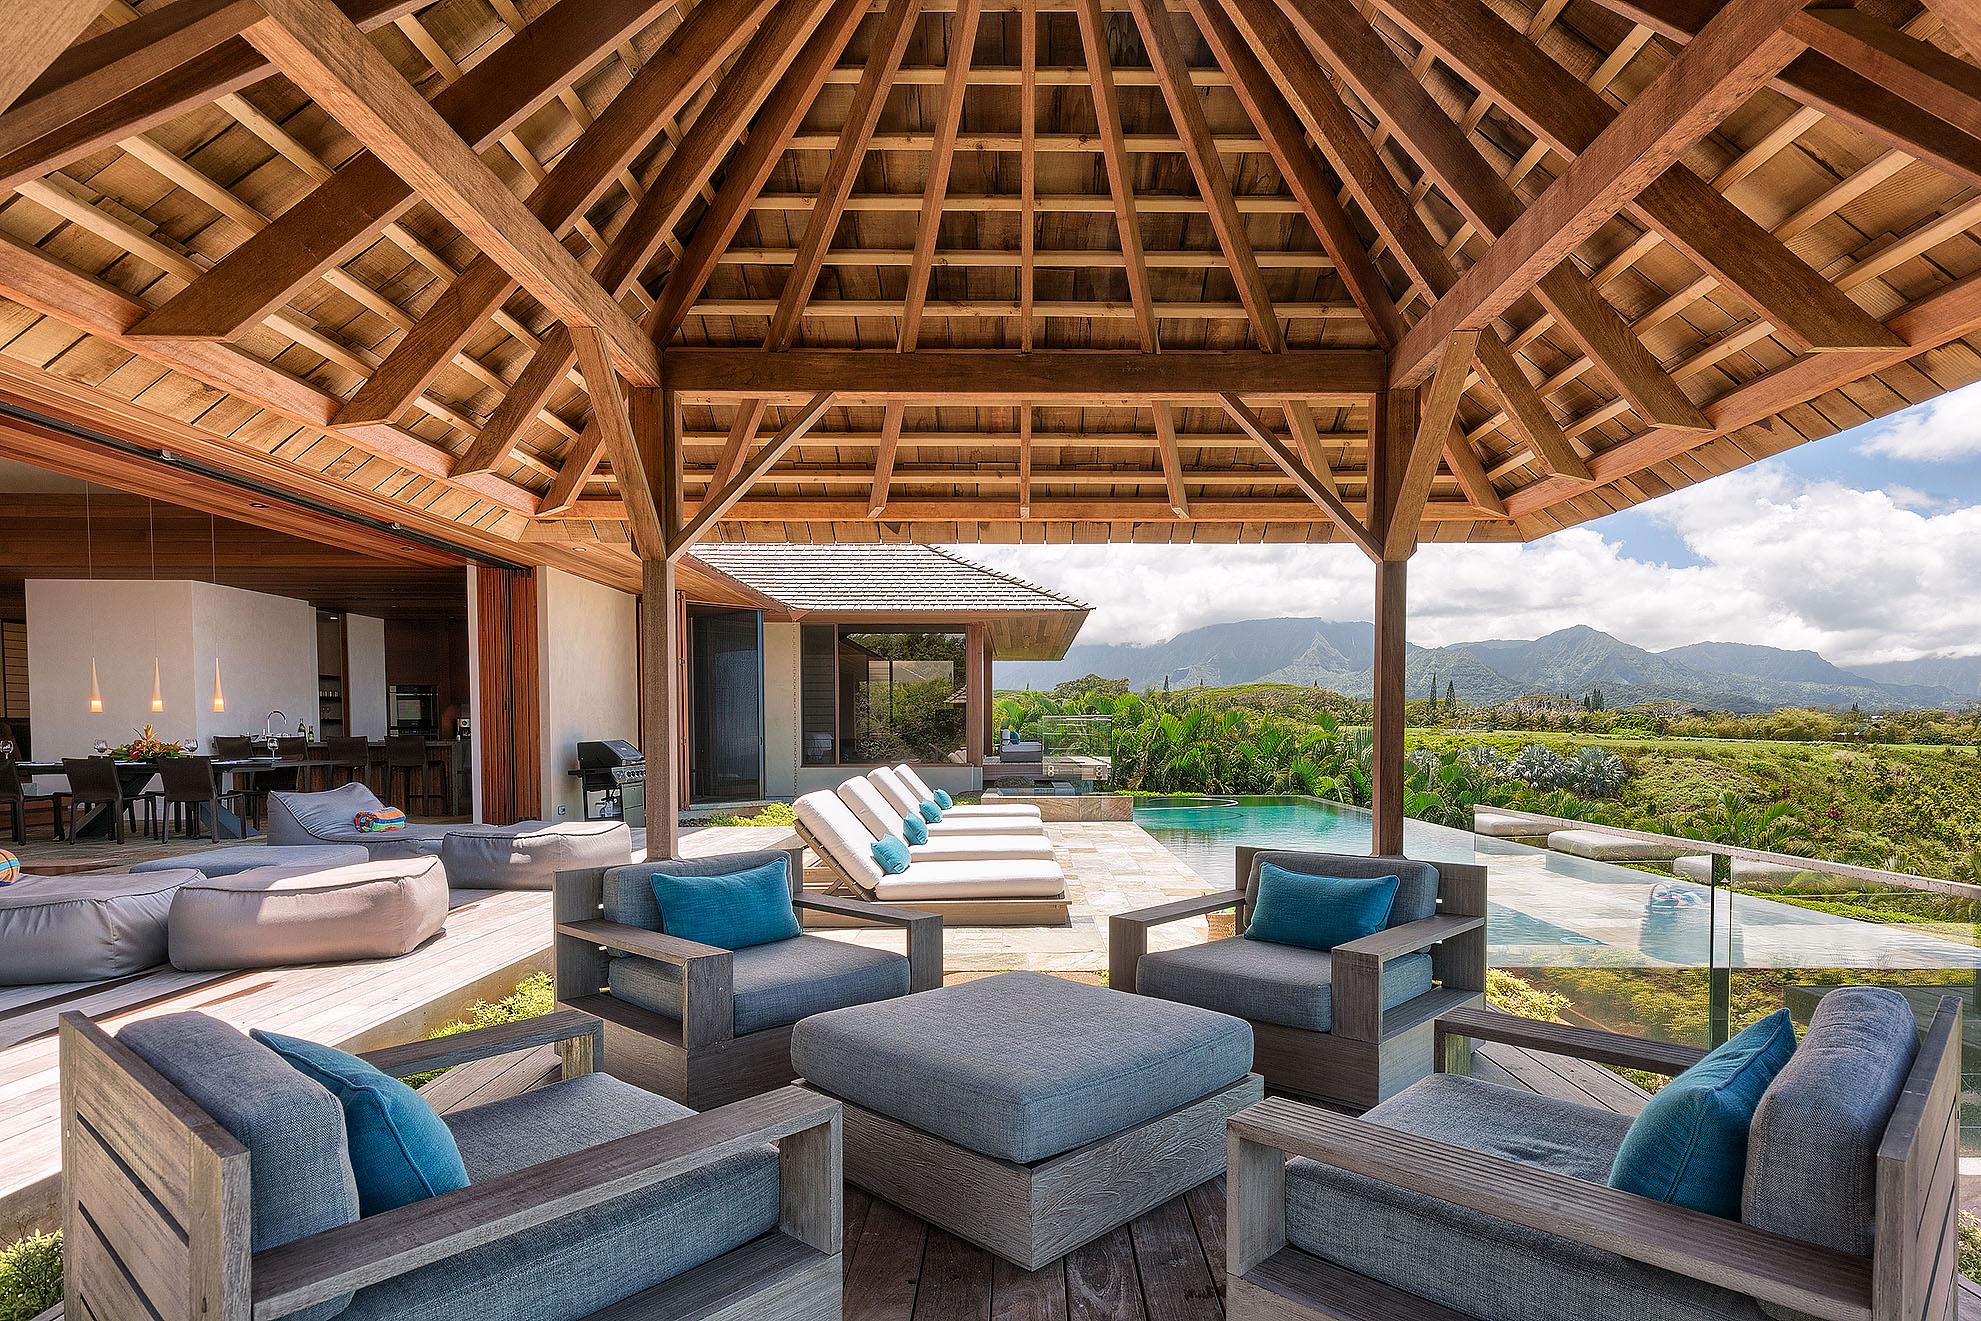 Resort Home Photos